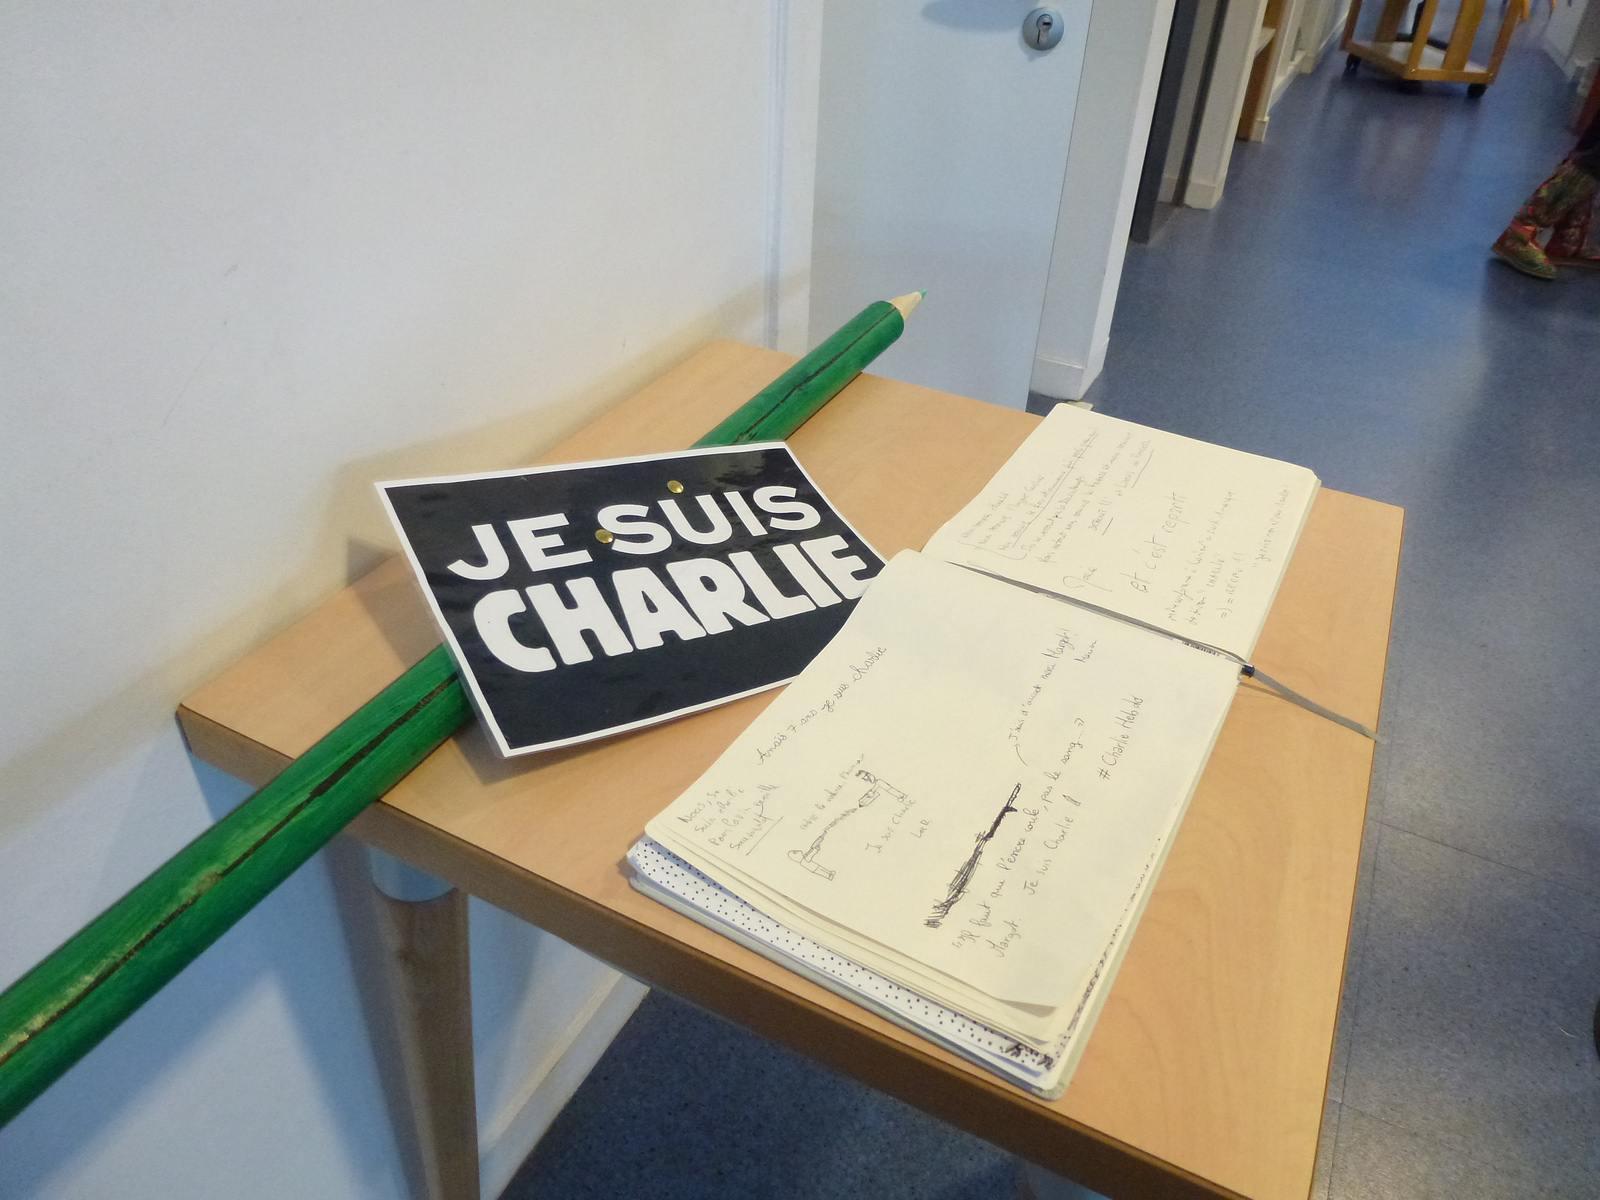 charlie hebdo exhibit2 Exhibition Charlie Hebdo at Quimperle